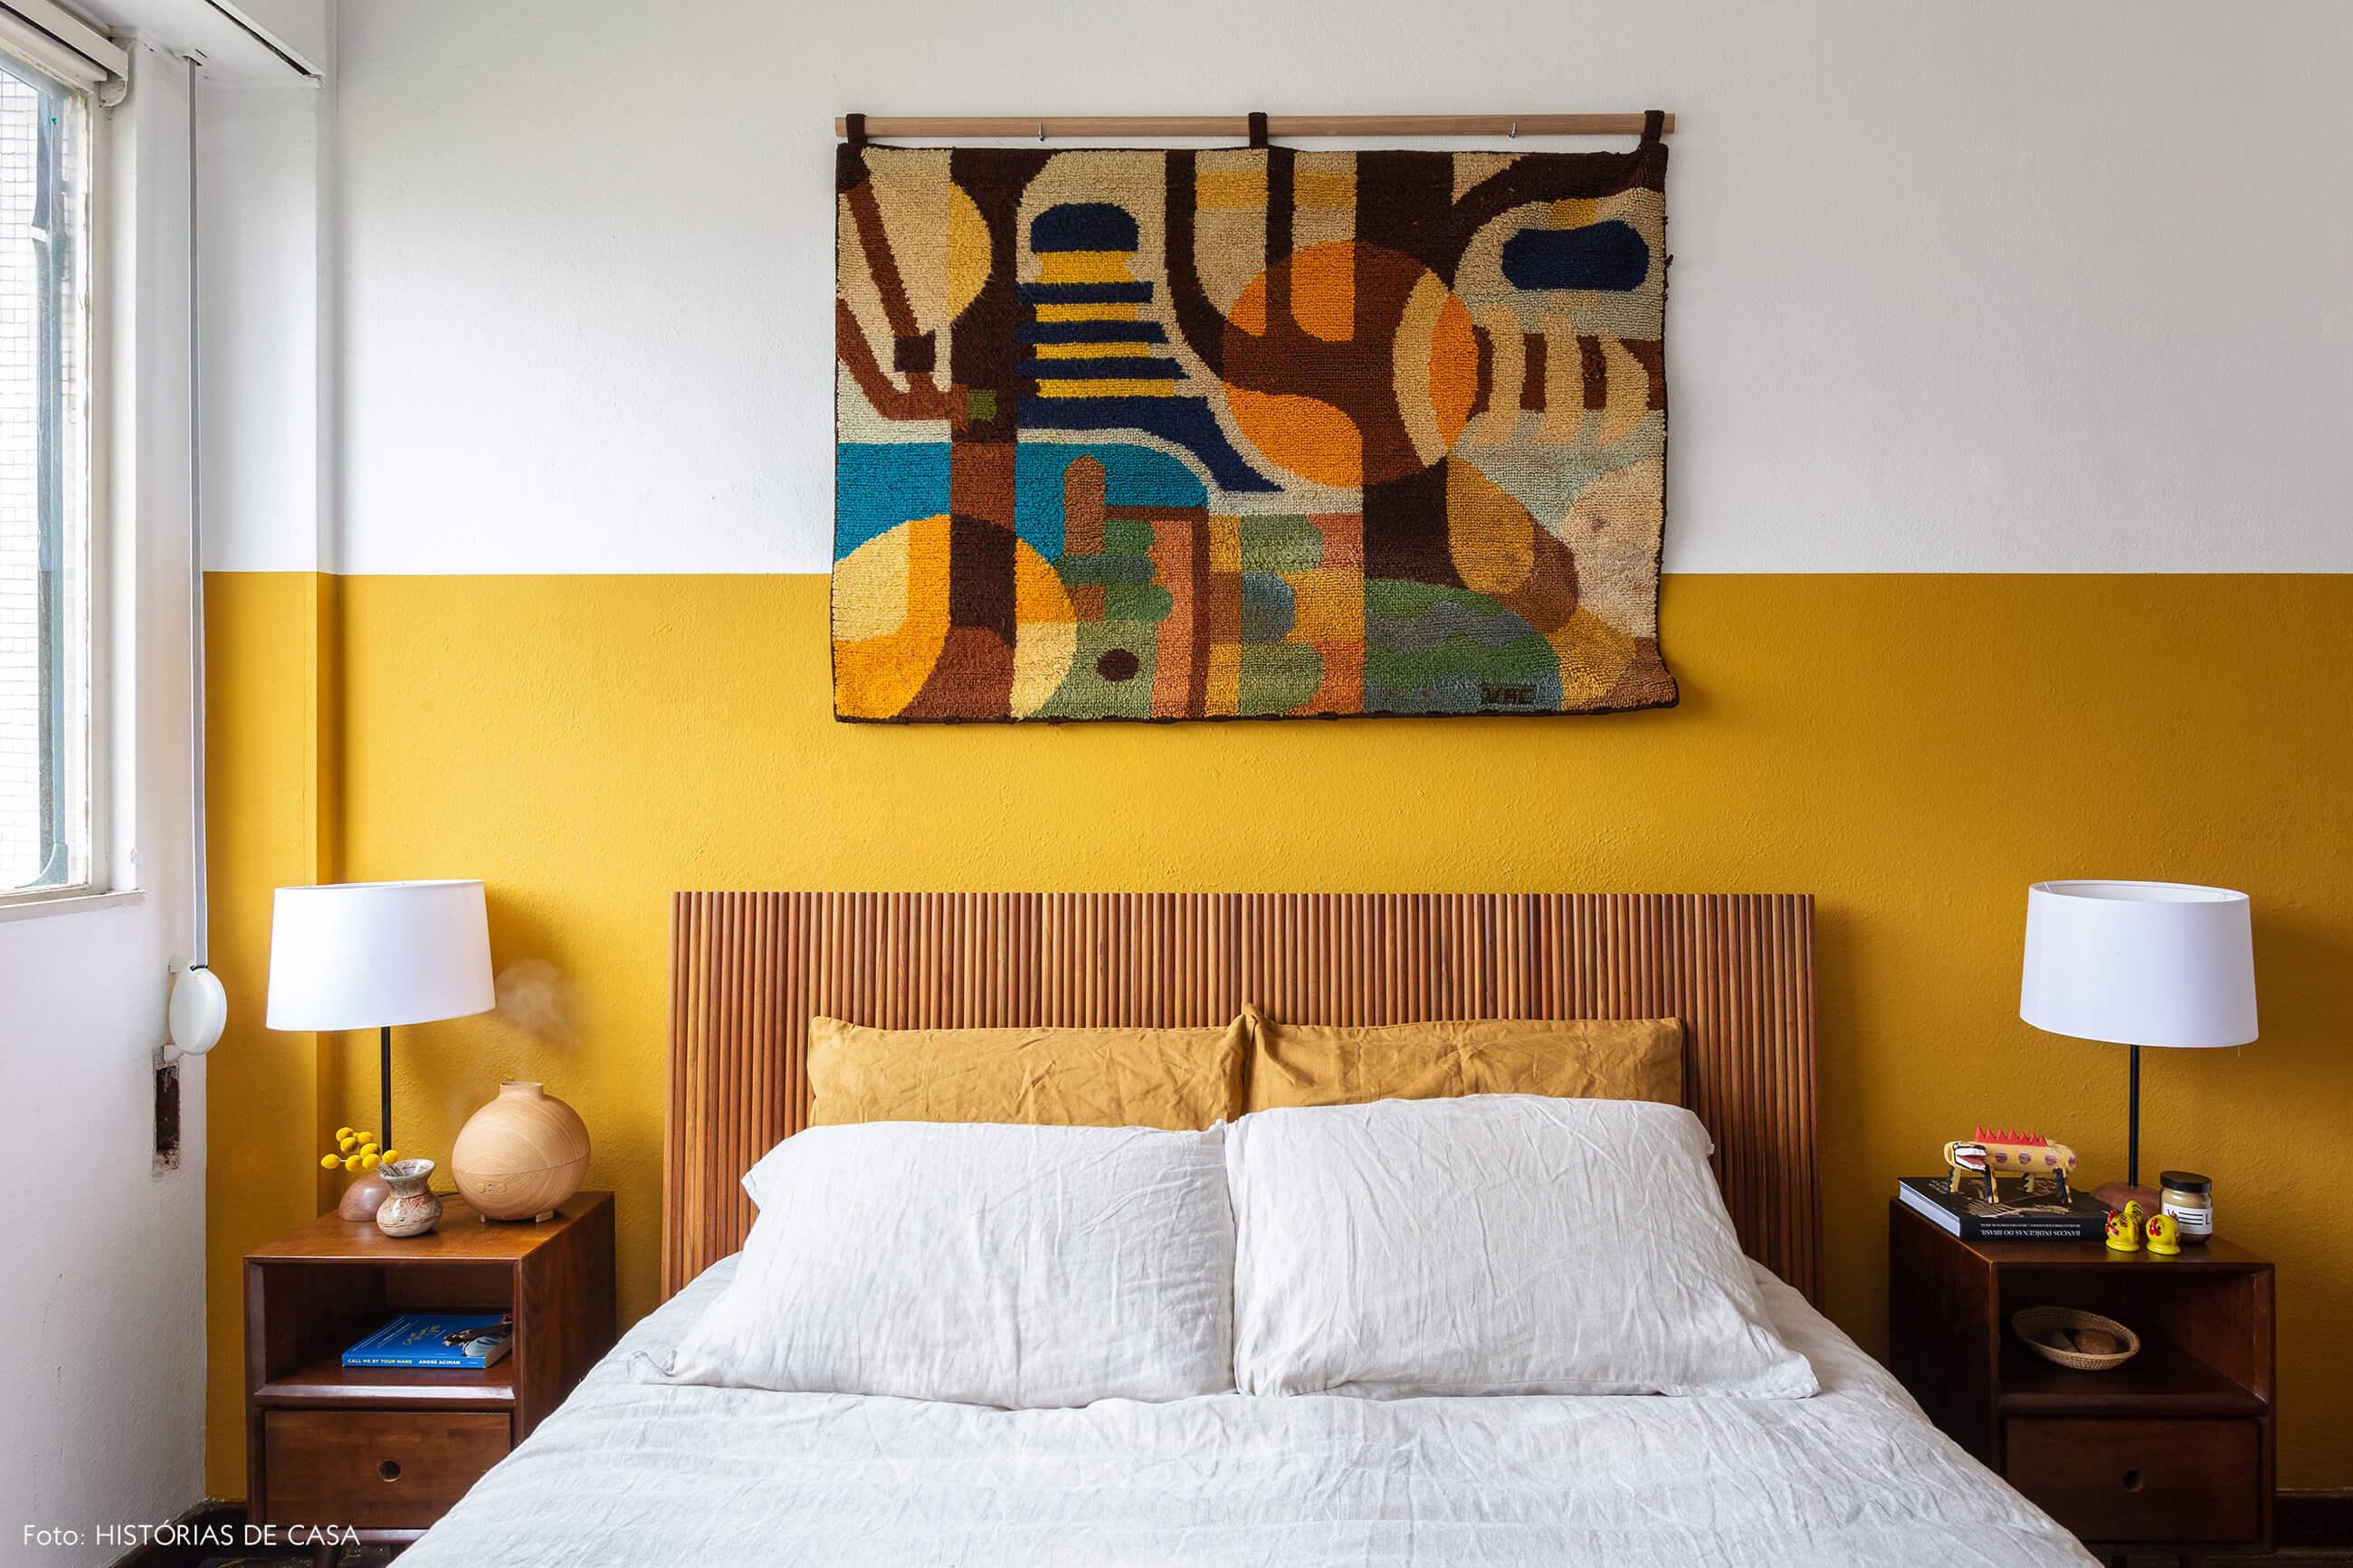 Quarto com cama de madeira e parede mostarda